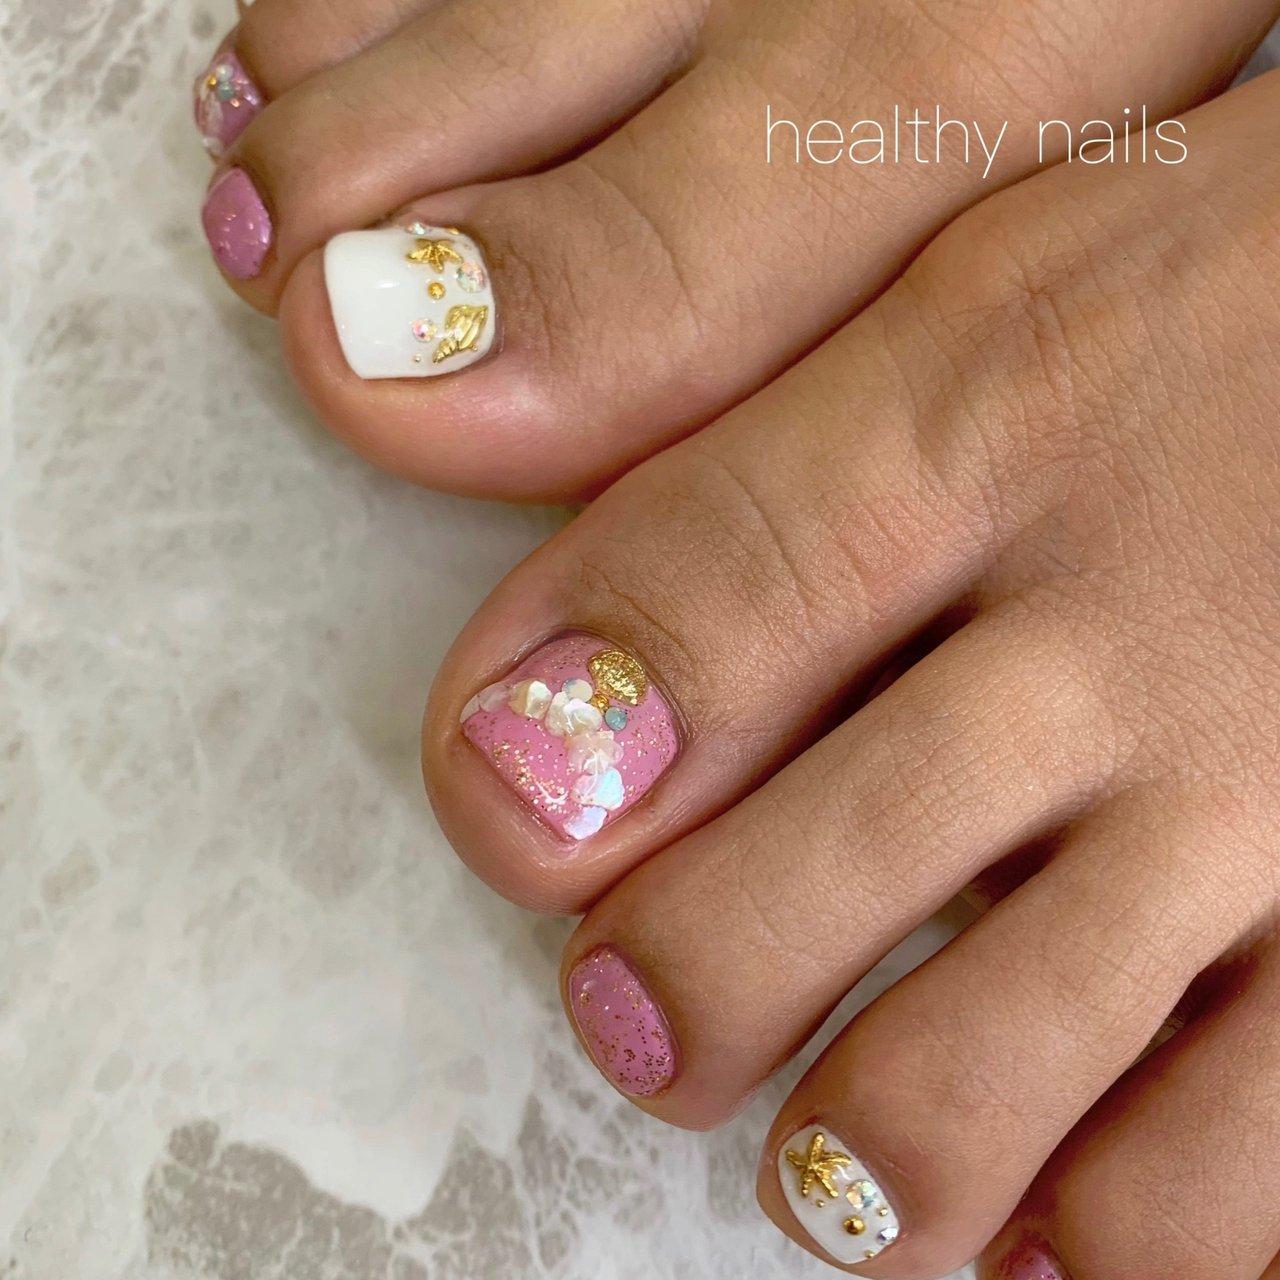 #夏 #海 #リゾート #フット #healthy nails #ネイルブック